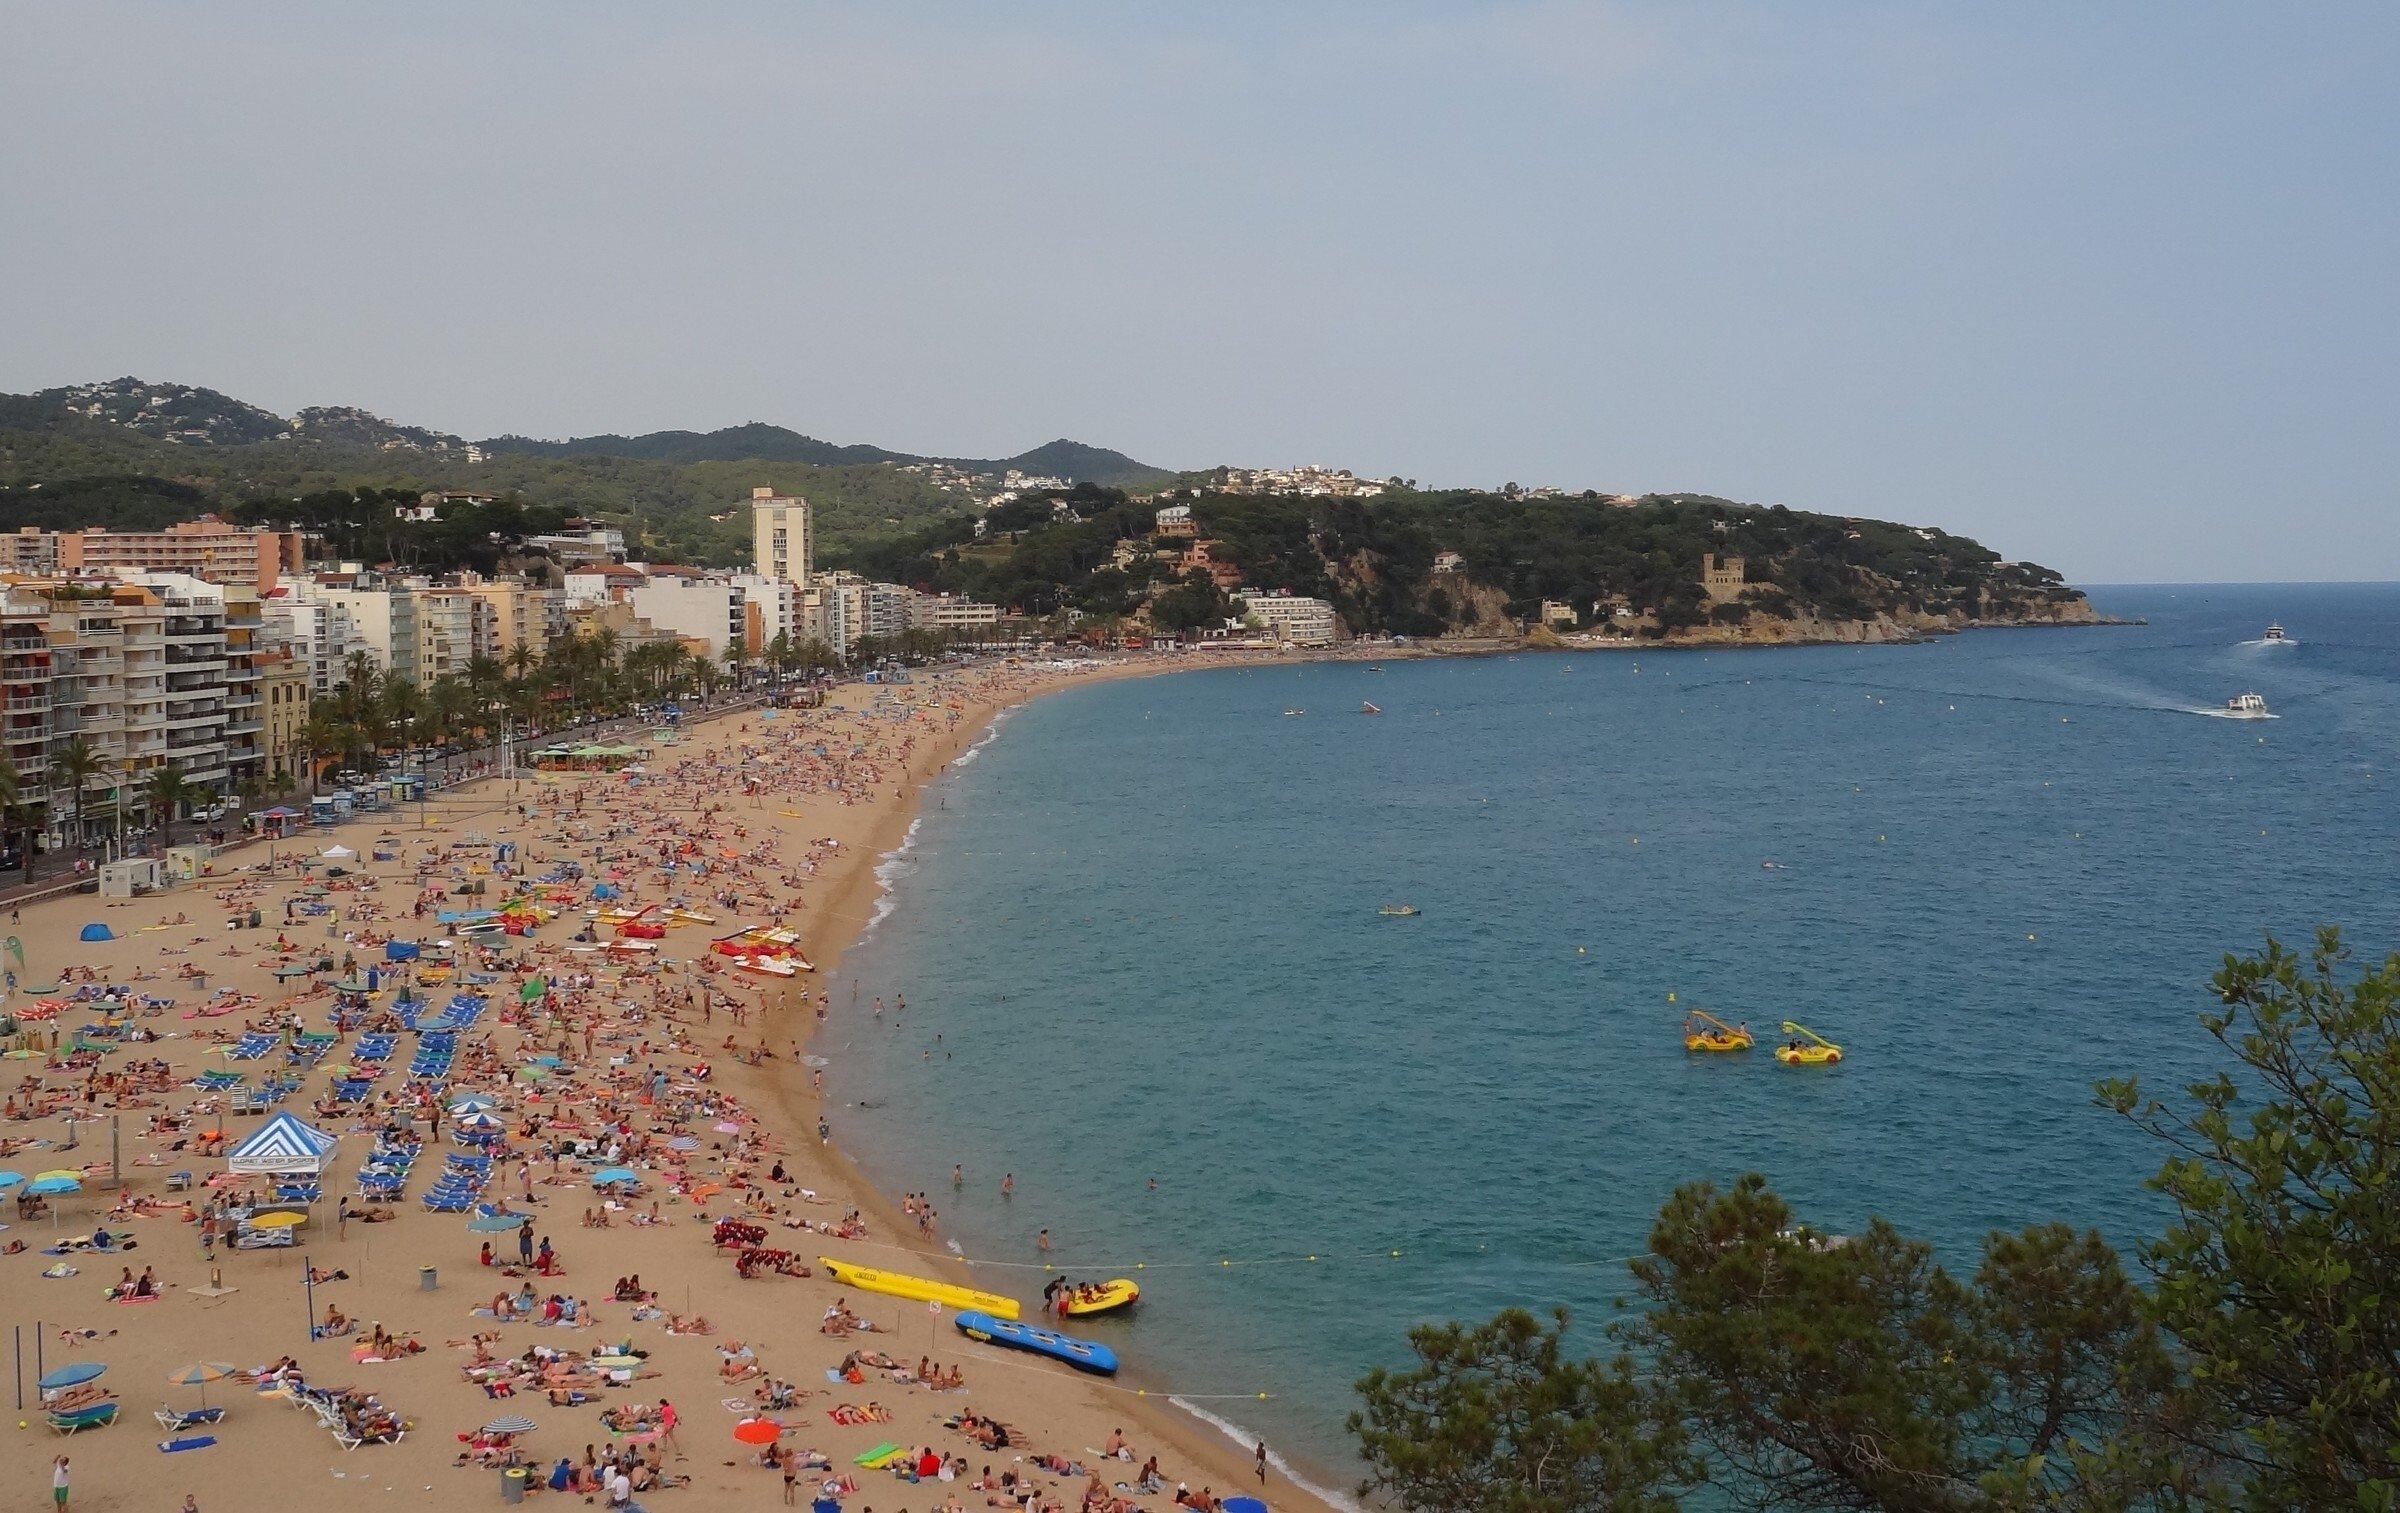 центральный пляж Ллорет-де-Мар